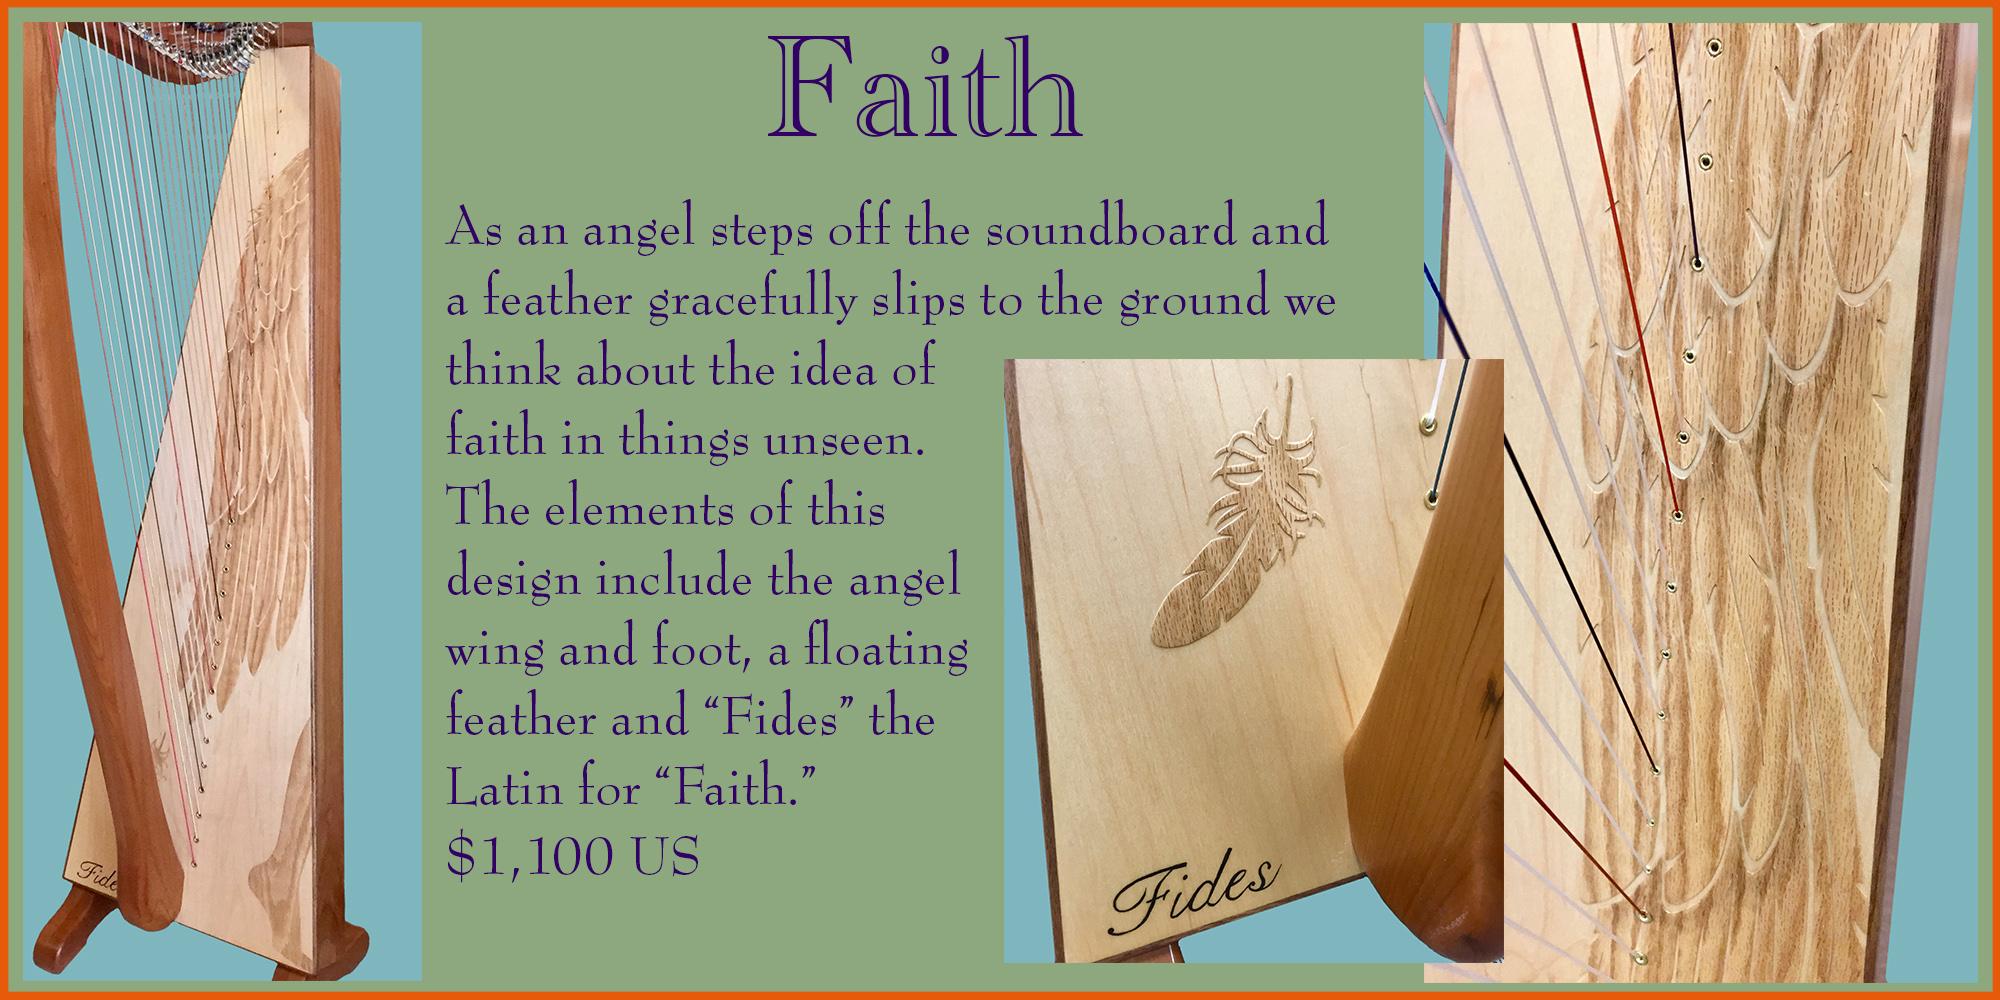 FaithPanel.jpg